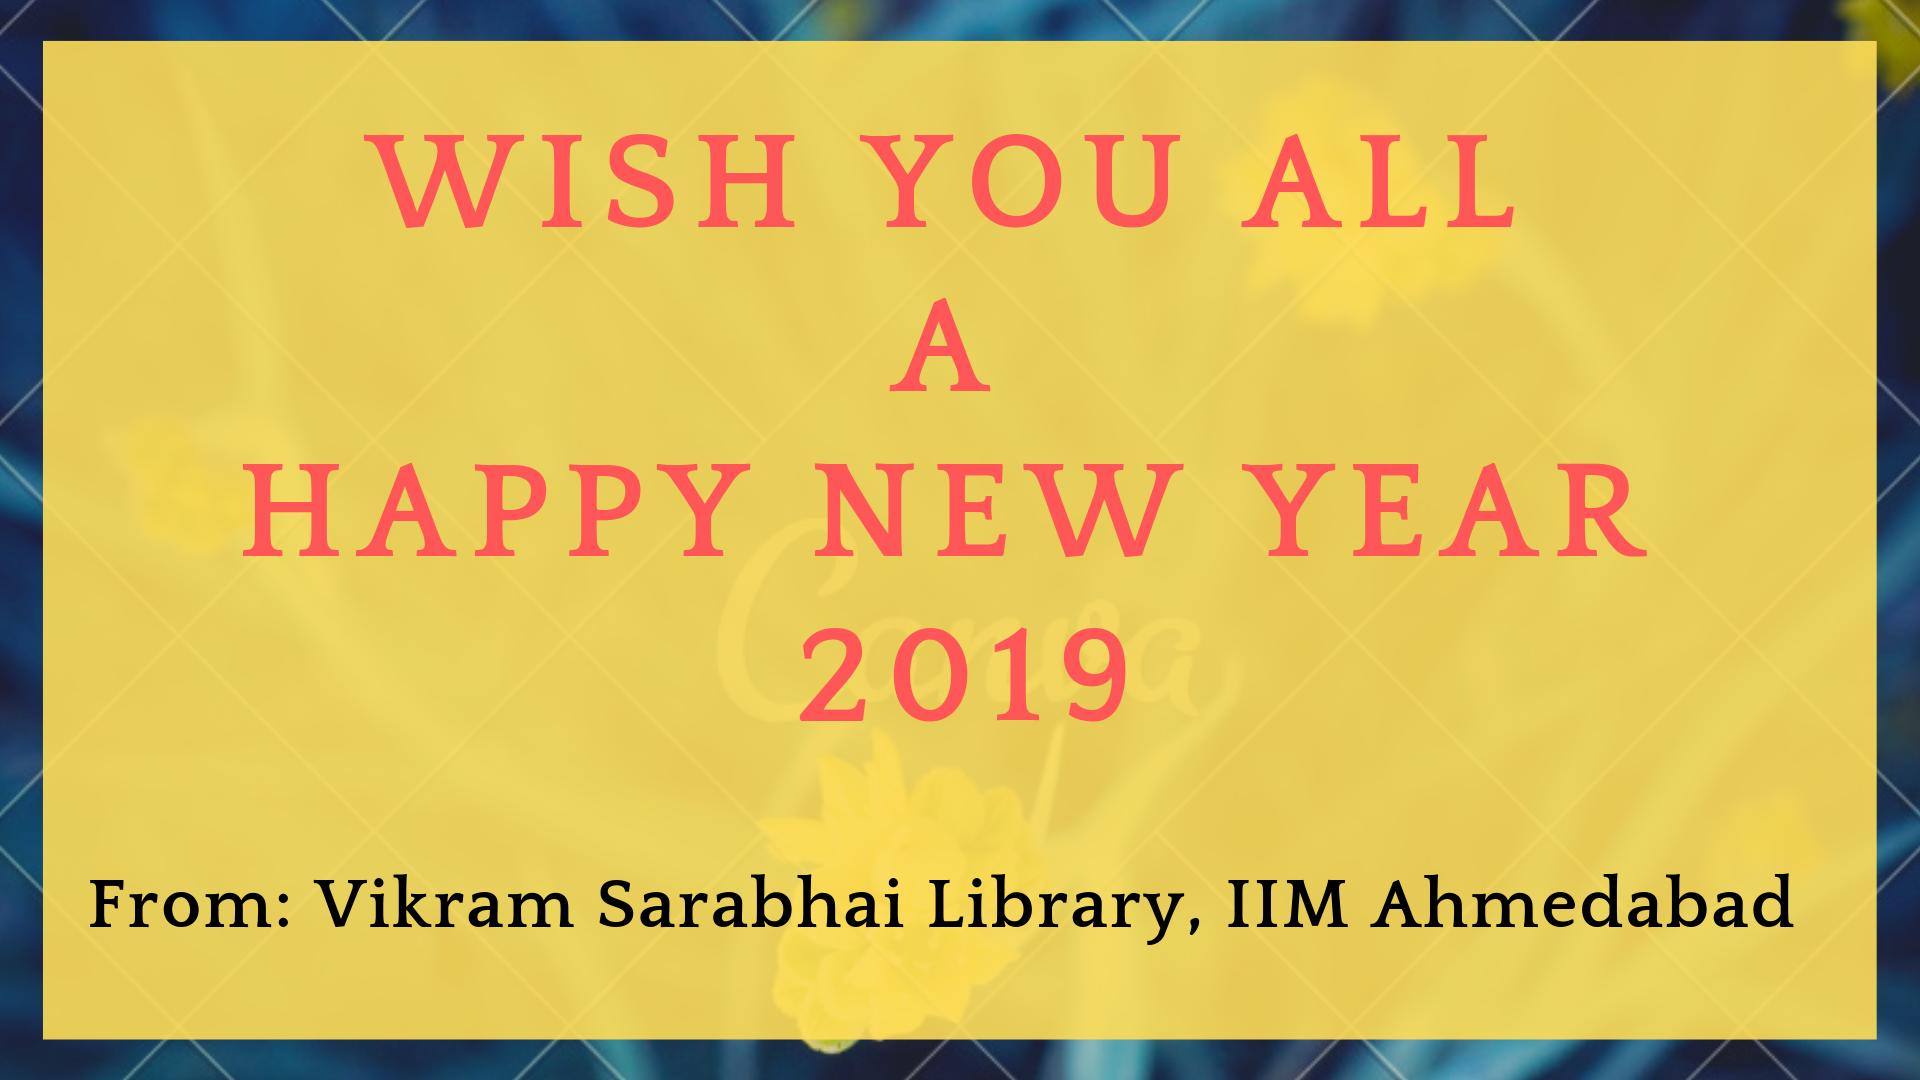 Vikram Sarabhai Library, IIM Ahmedabad